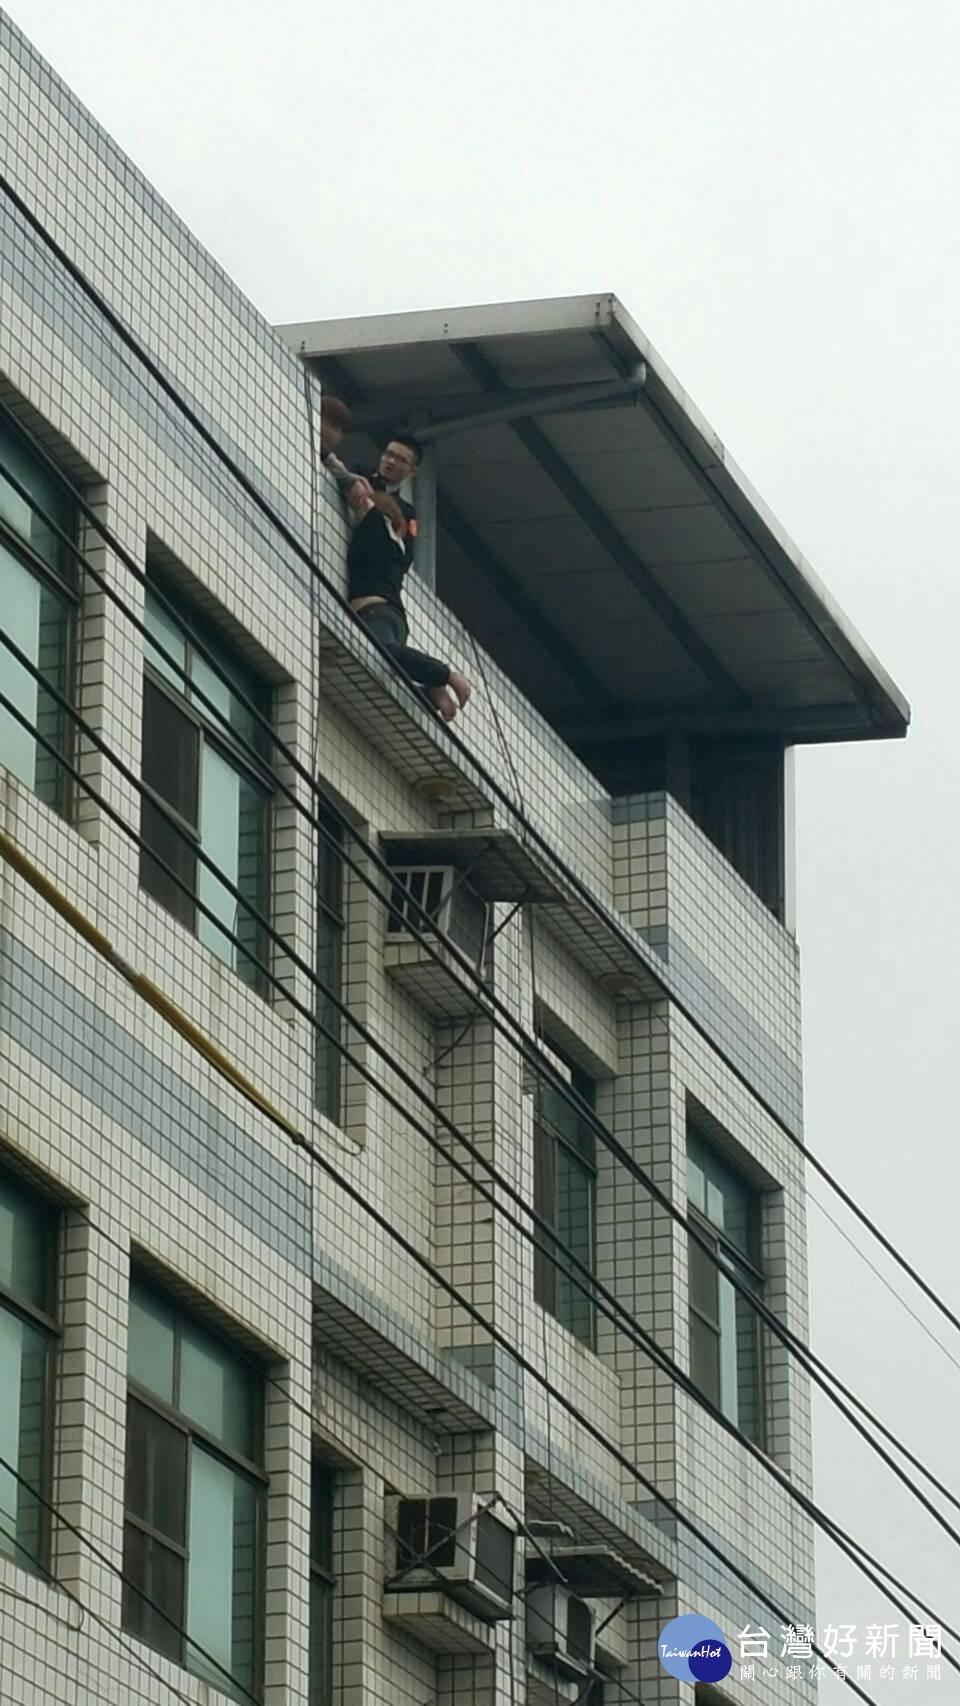 女子情傷跳樓尋短 員警及時救起挽回性命